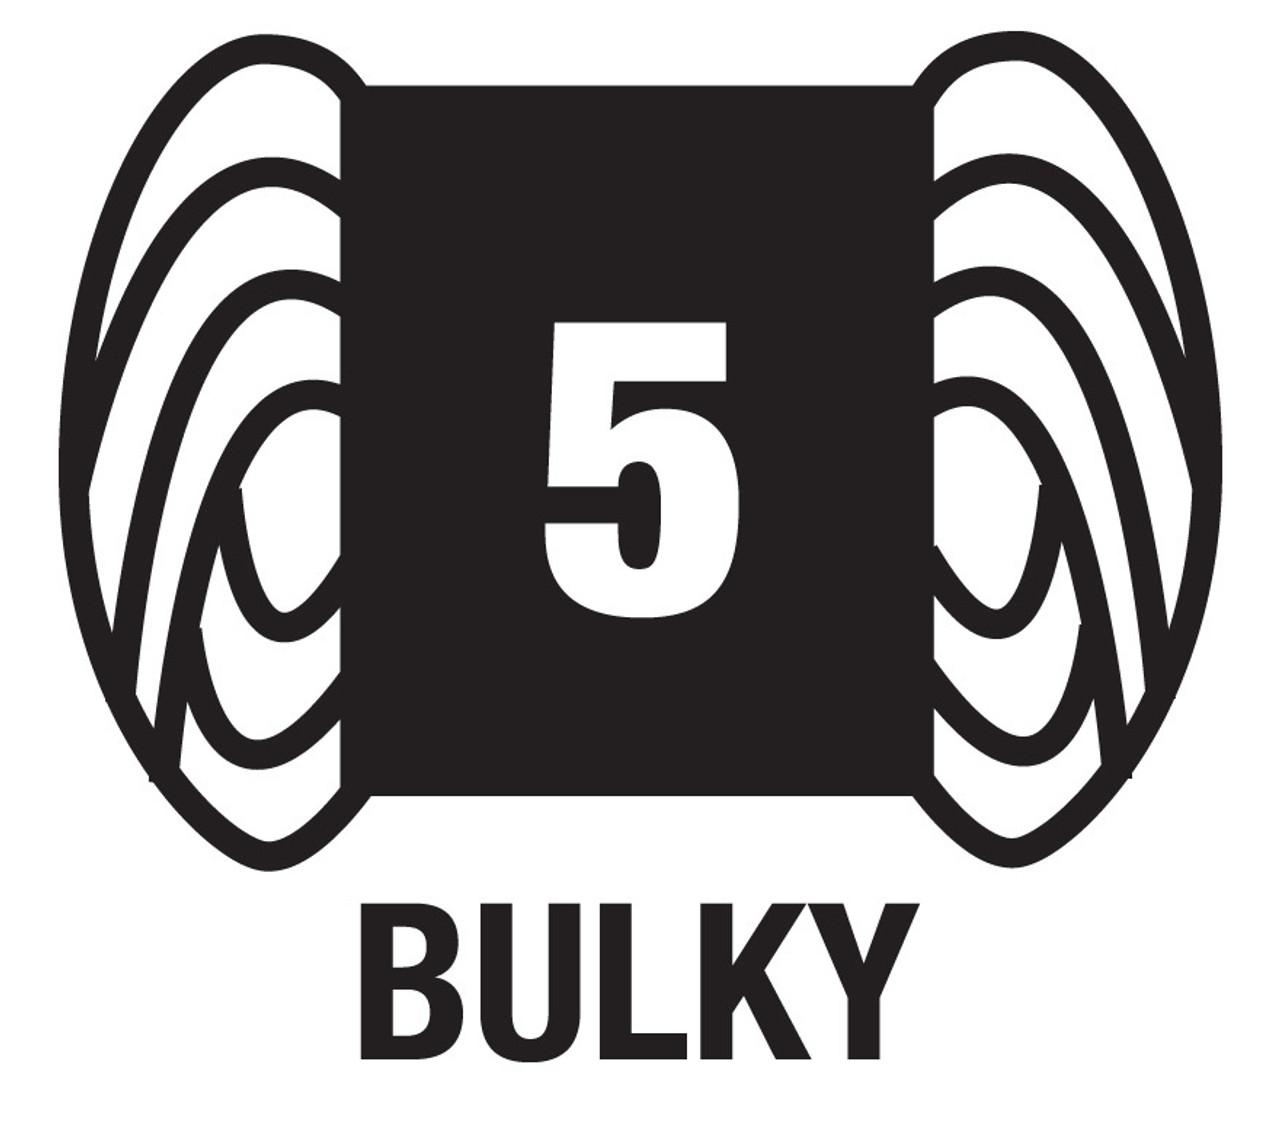 5-Bulky